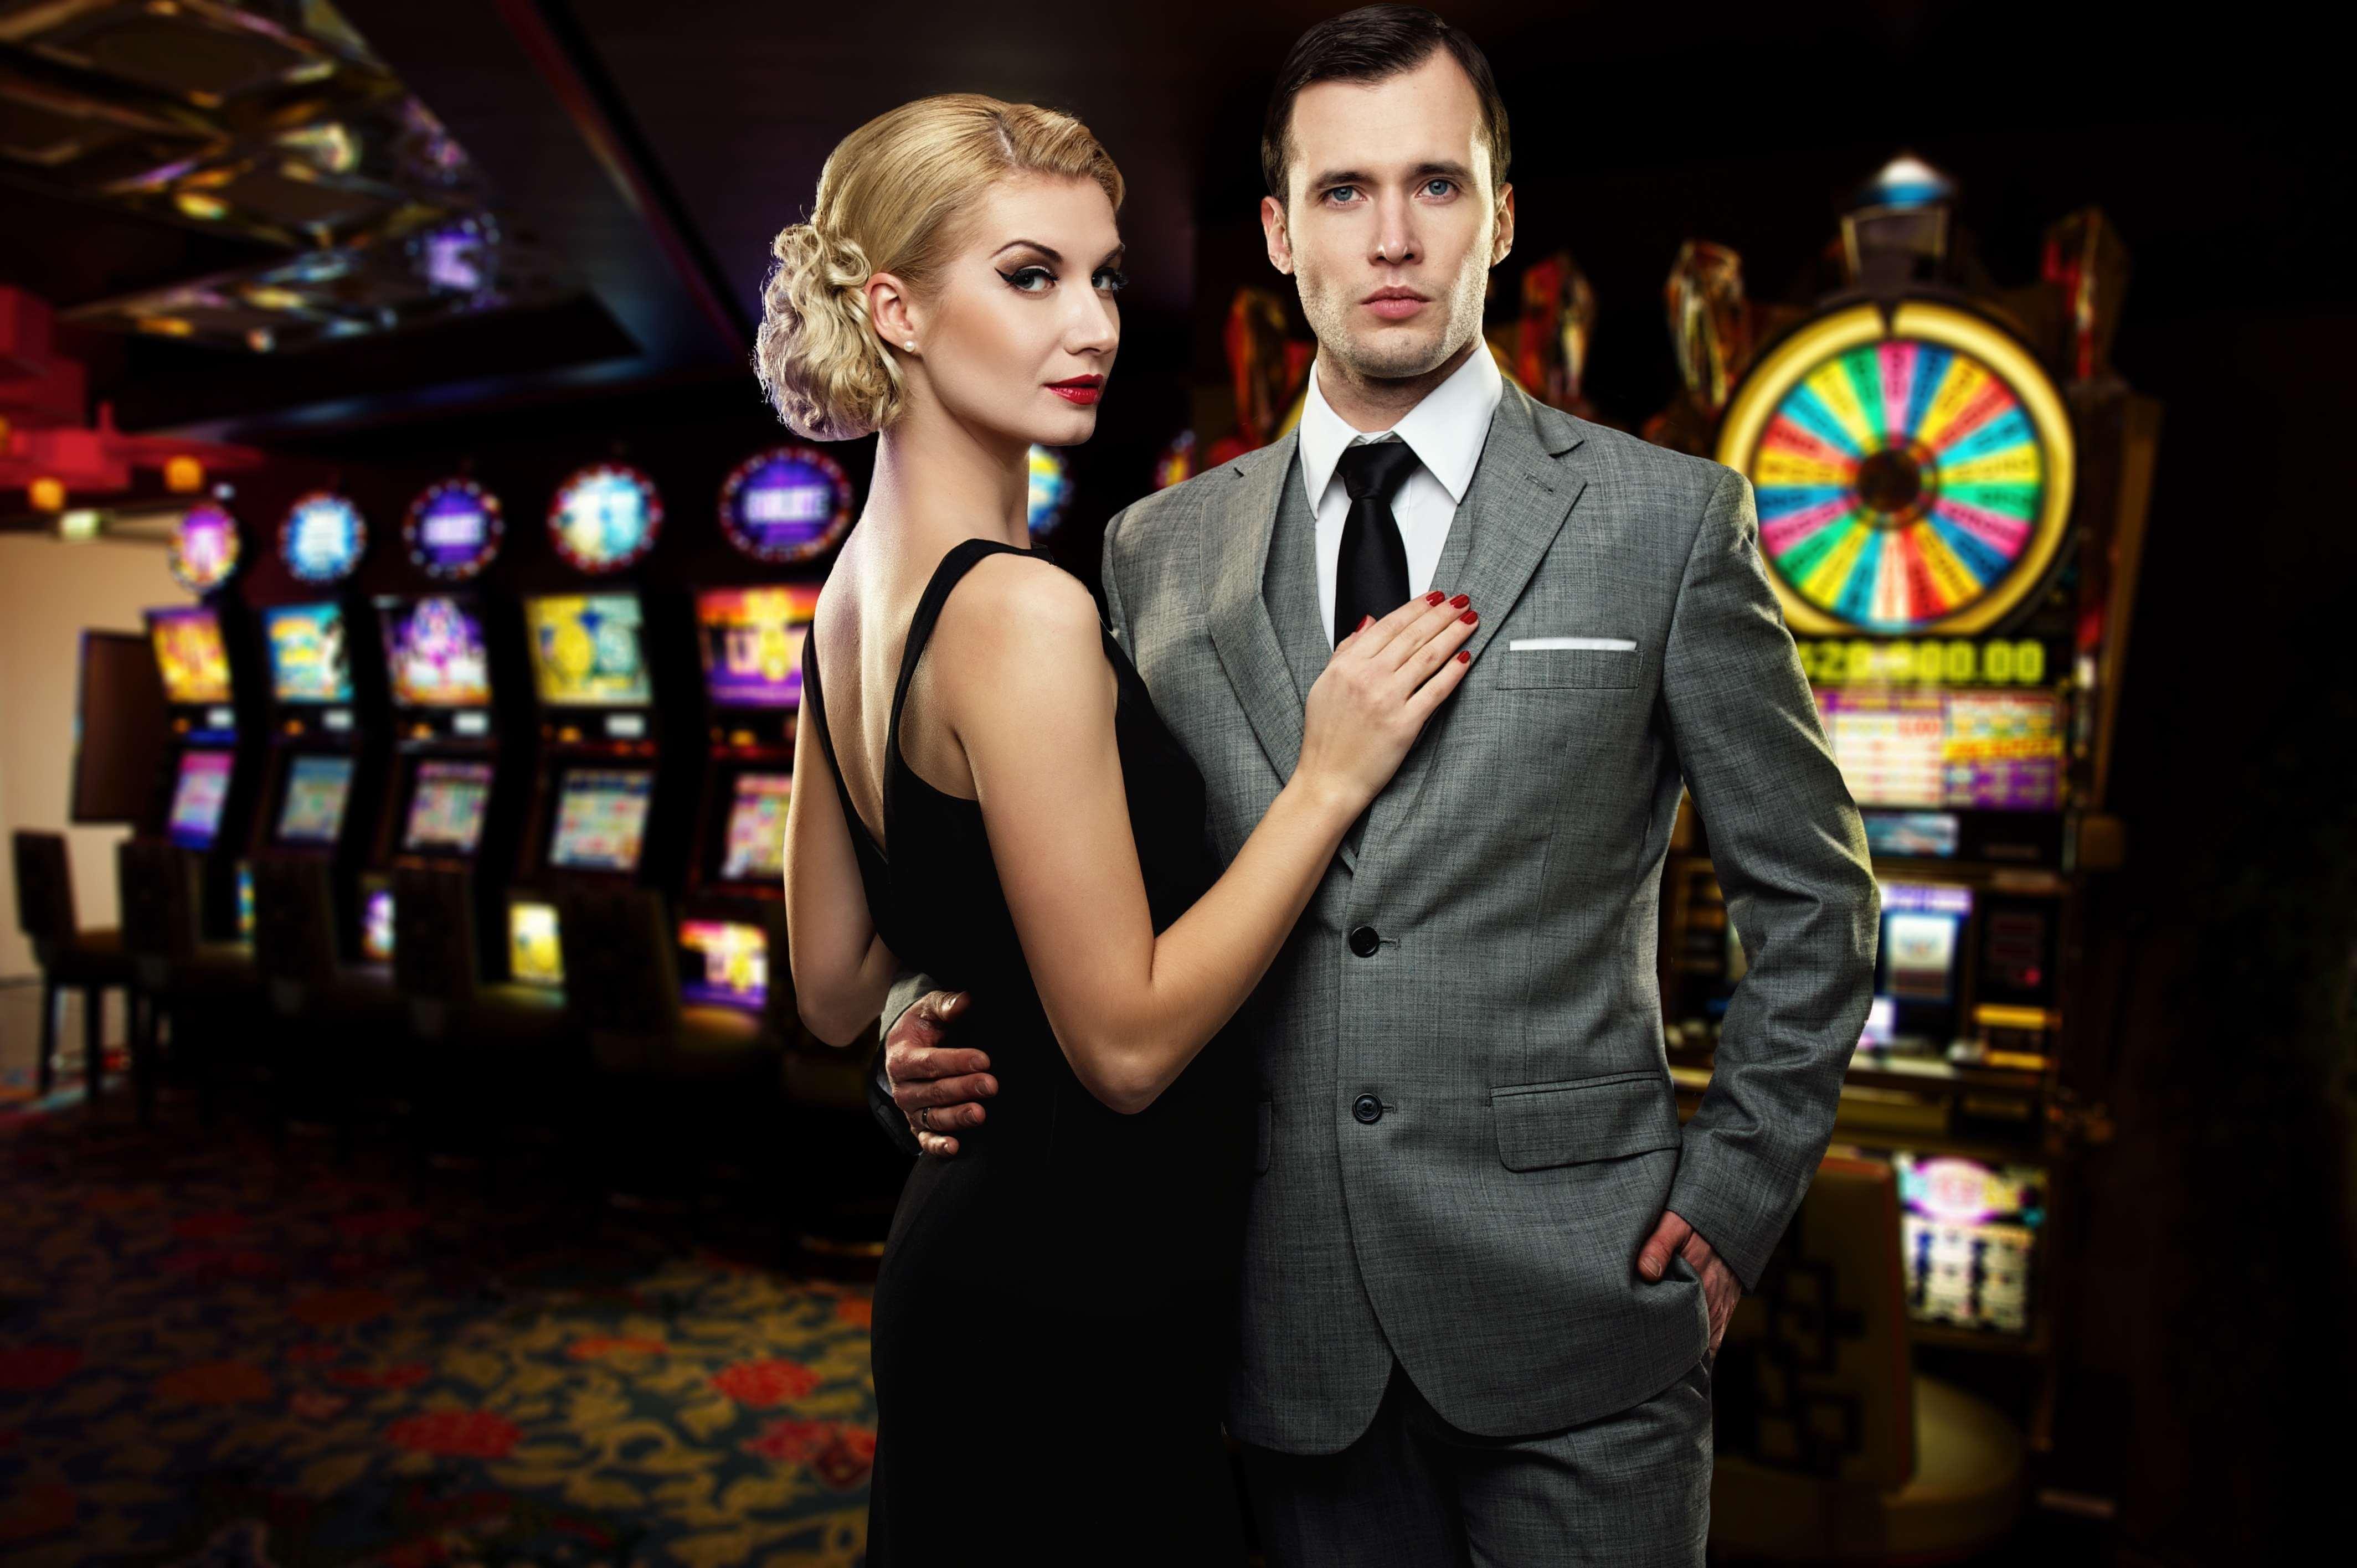 Dags för årets Casino julkalender: Bonusar för nya och gamla spelare